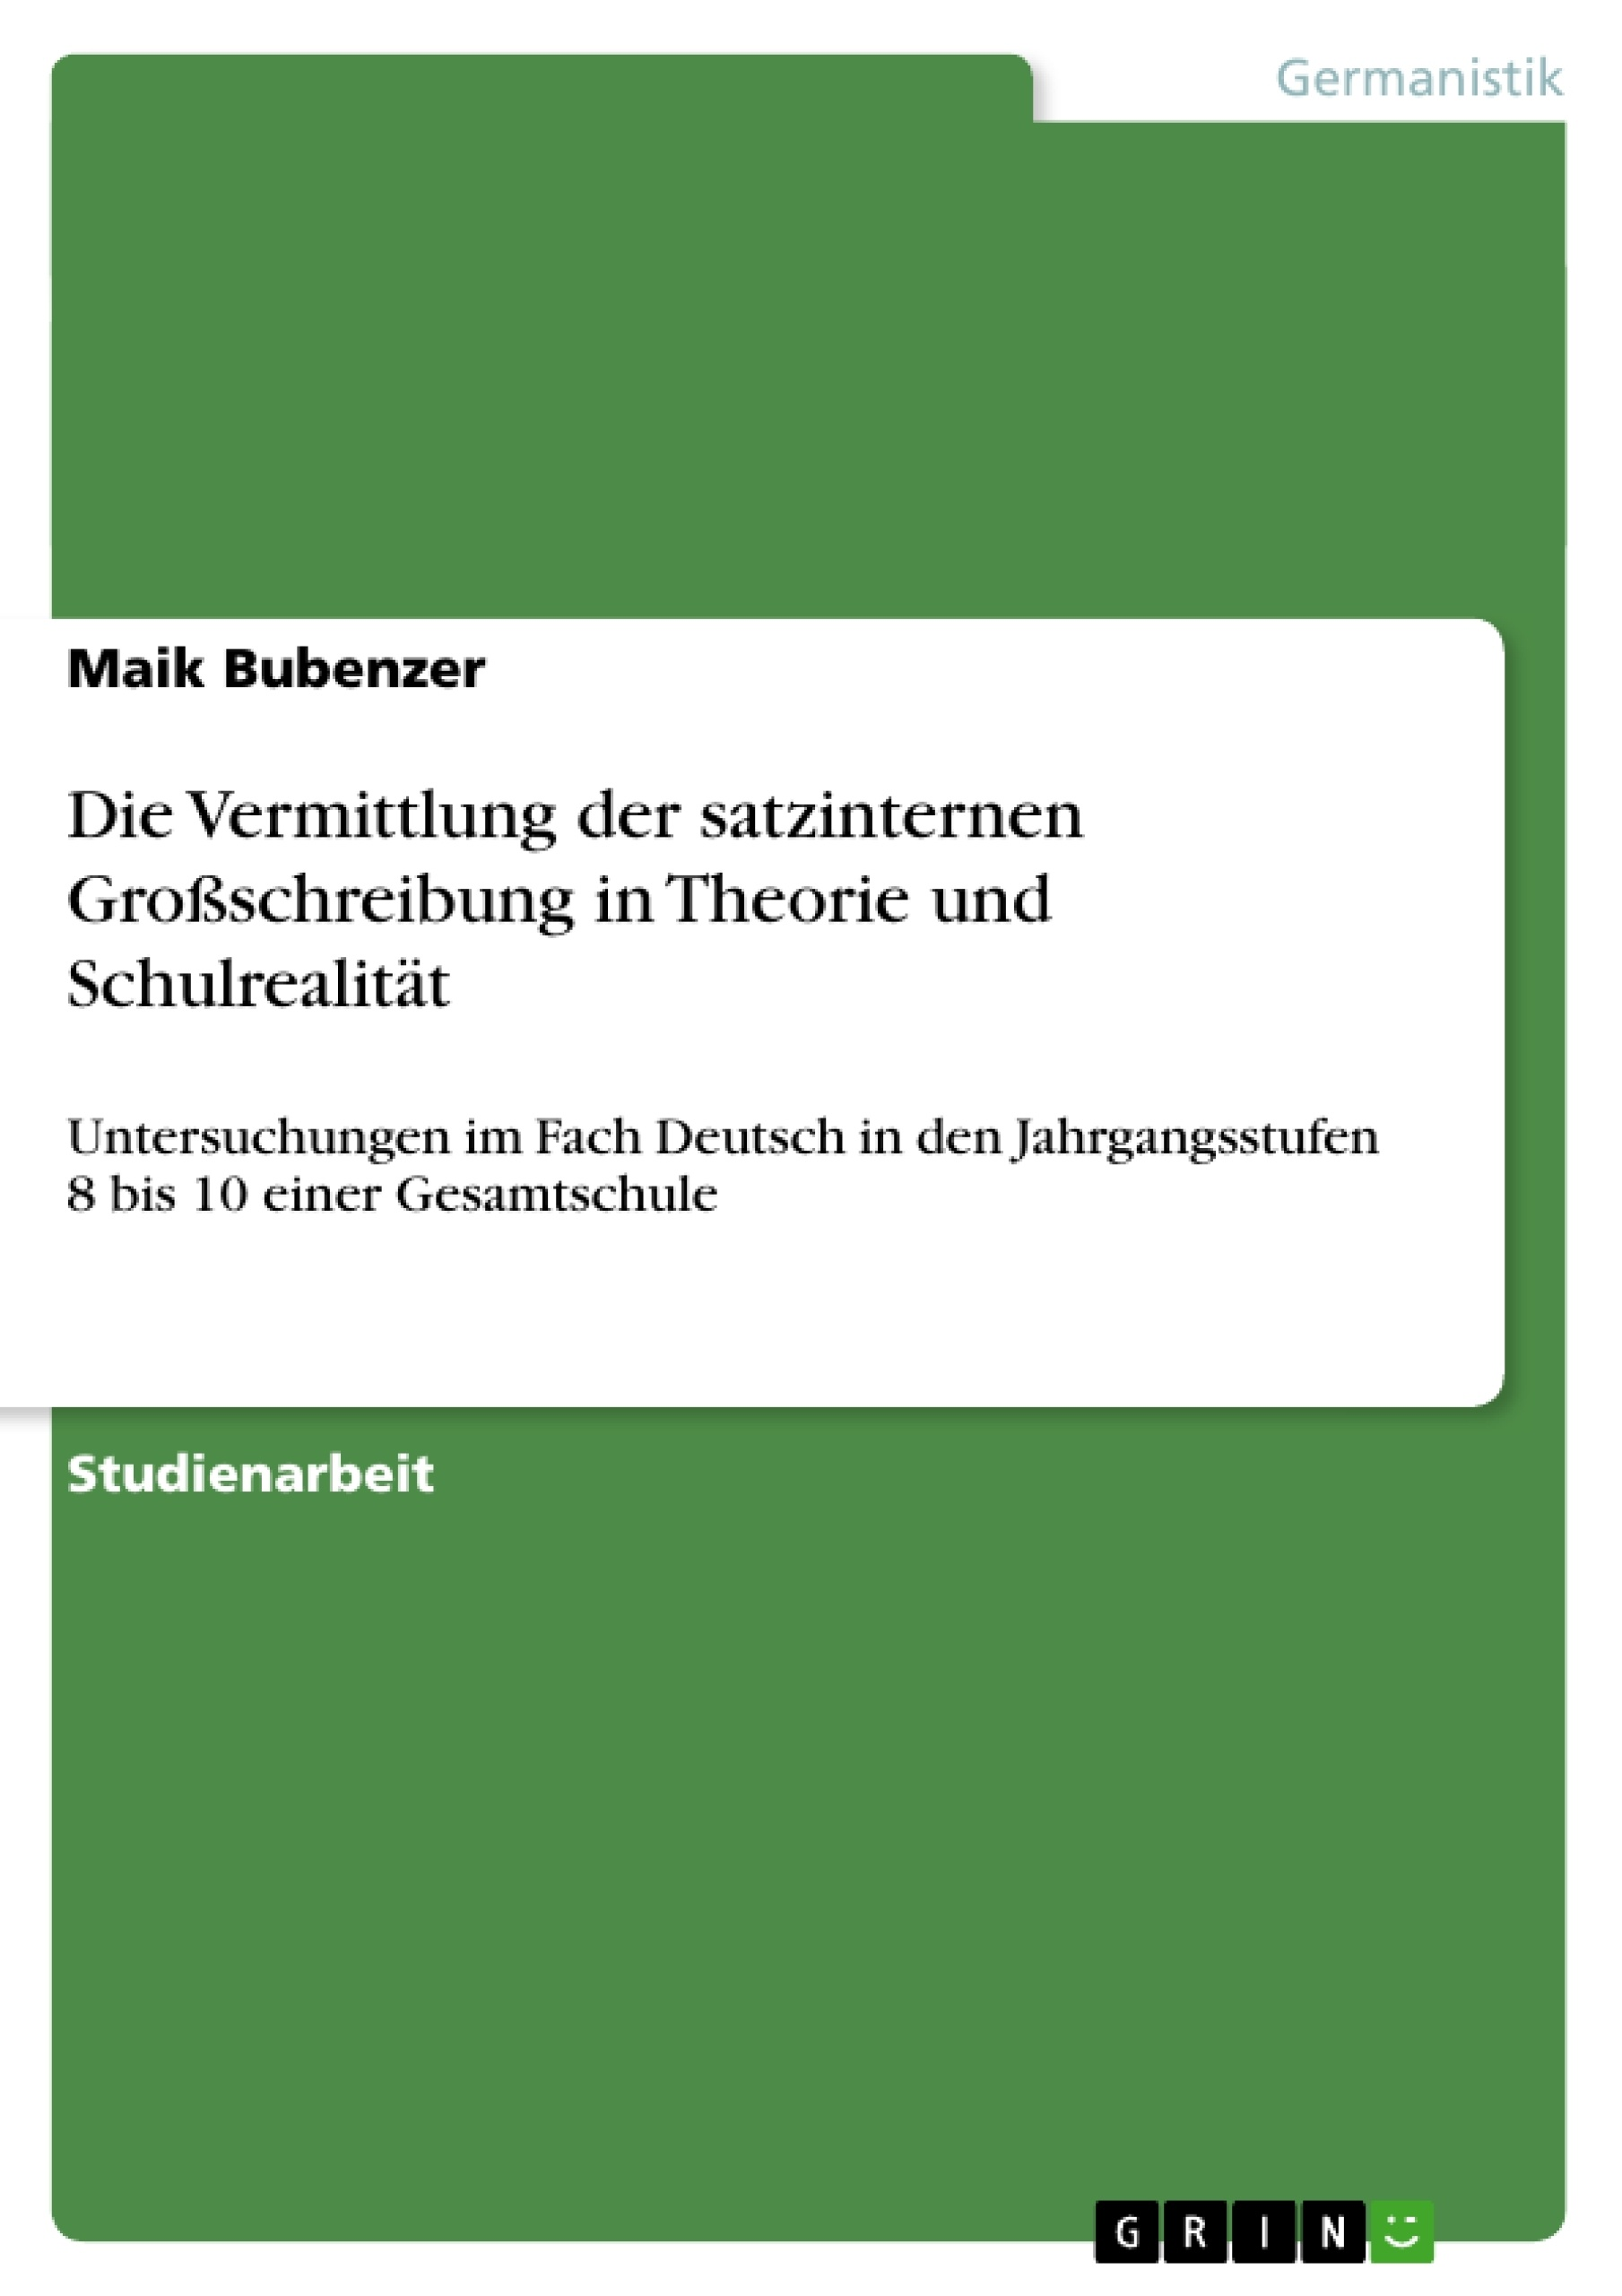 Titel: Die Vermittlung der satzinternen Großschreibung in Theorie und Schulrealität